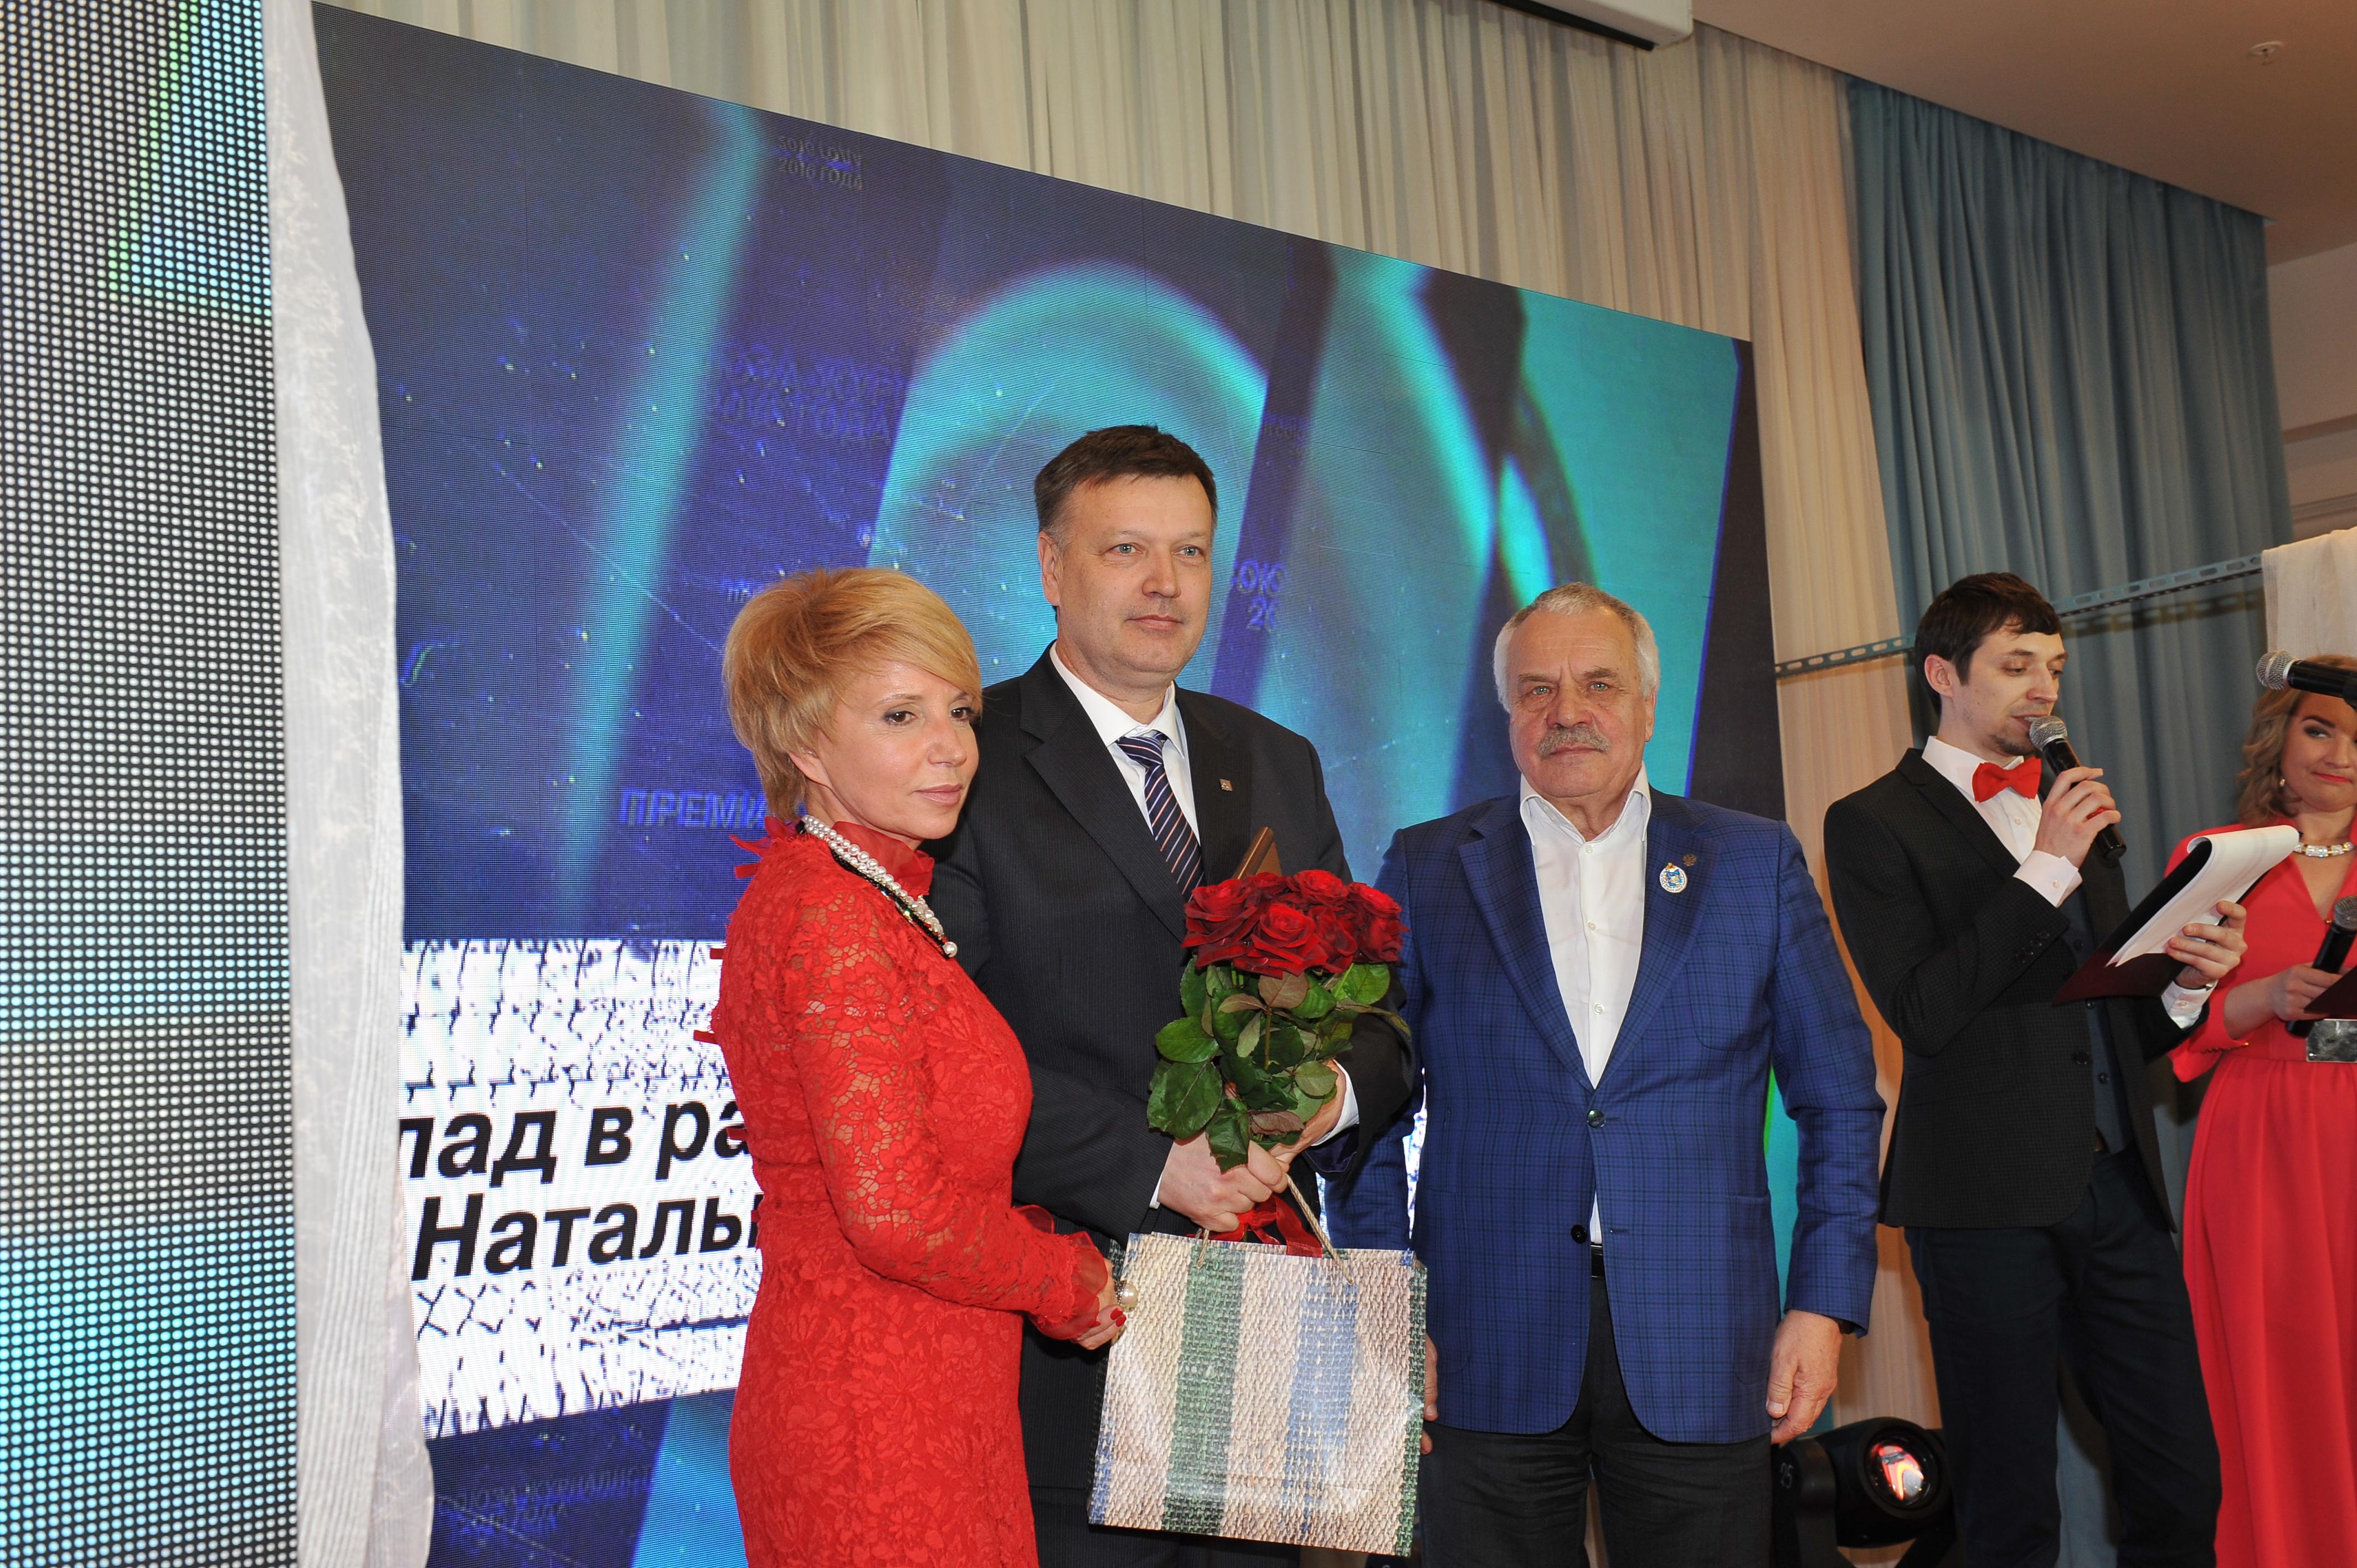 Вручение премии «За вклад в развитие журналистики» имени Натальи Мануйловой Александру Смирнову